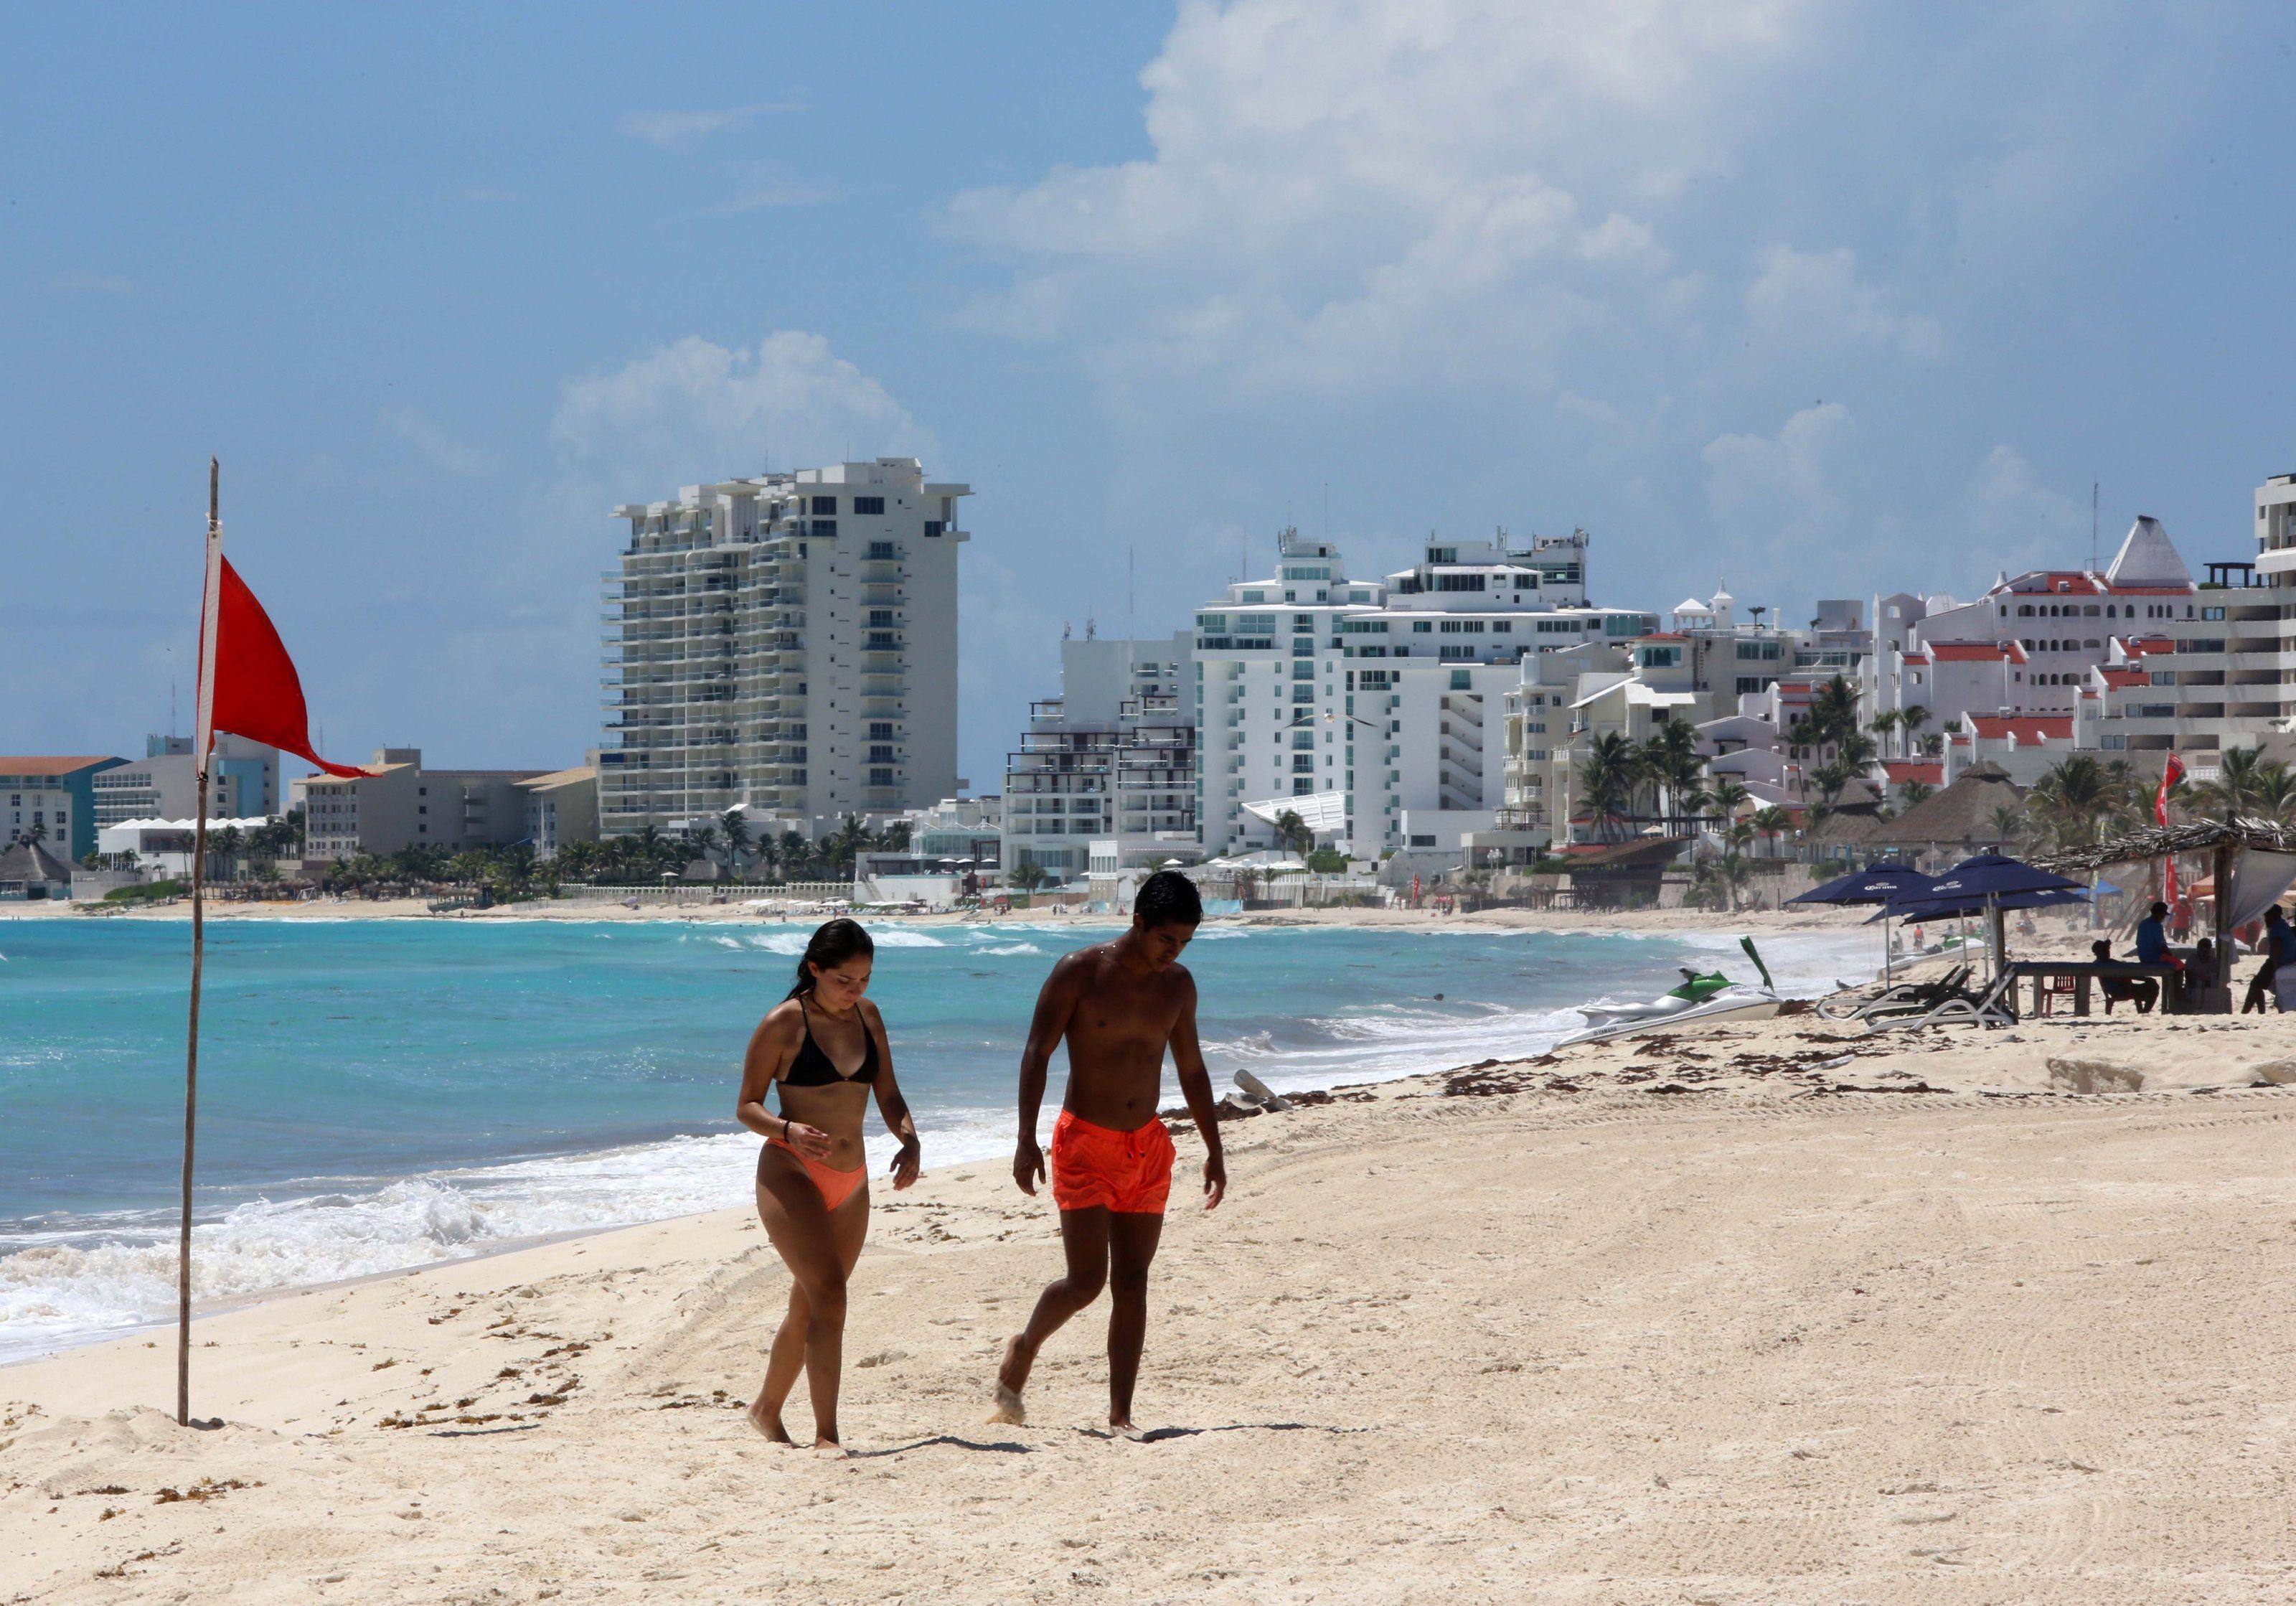 Fotografía de archivo en la que se observa a turistas disfrutar del balneario de Cancún, en el estado de Quintana Roo (México). EFE/ Alonso Cupul